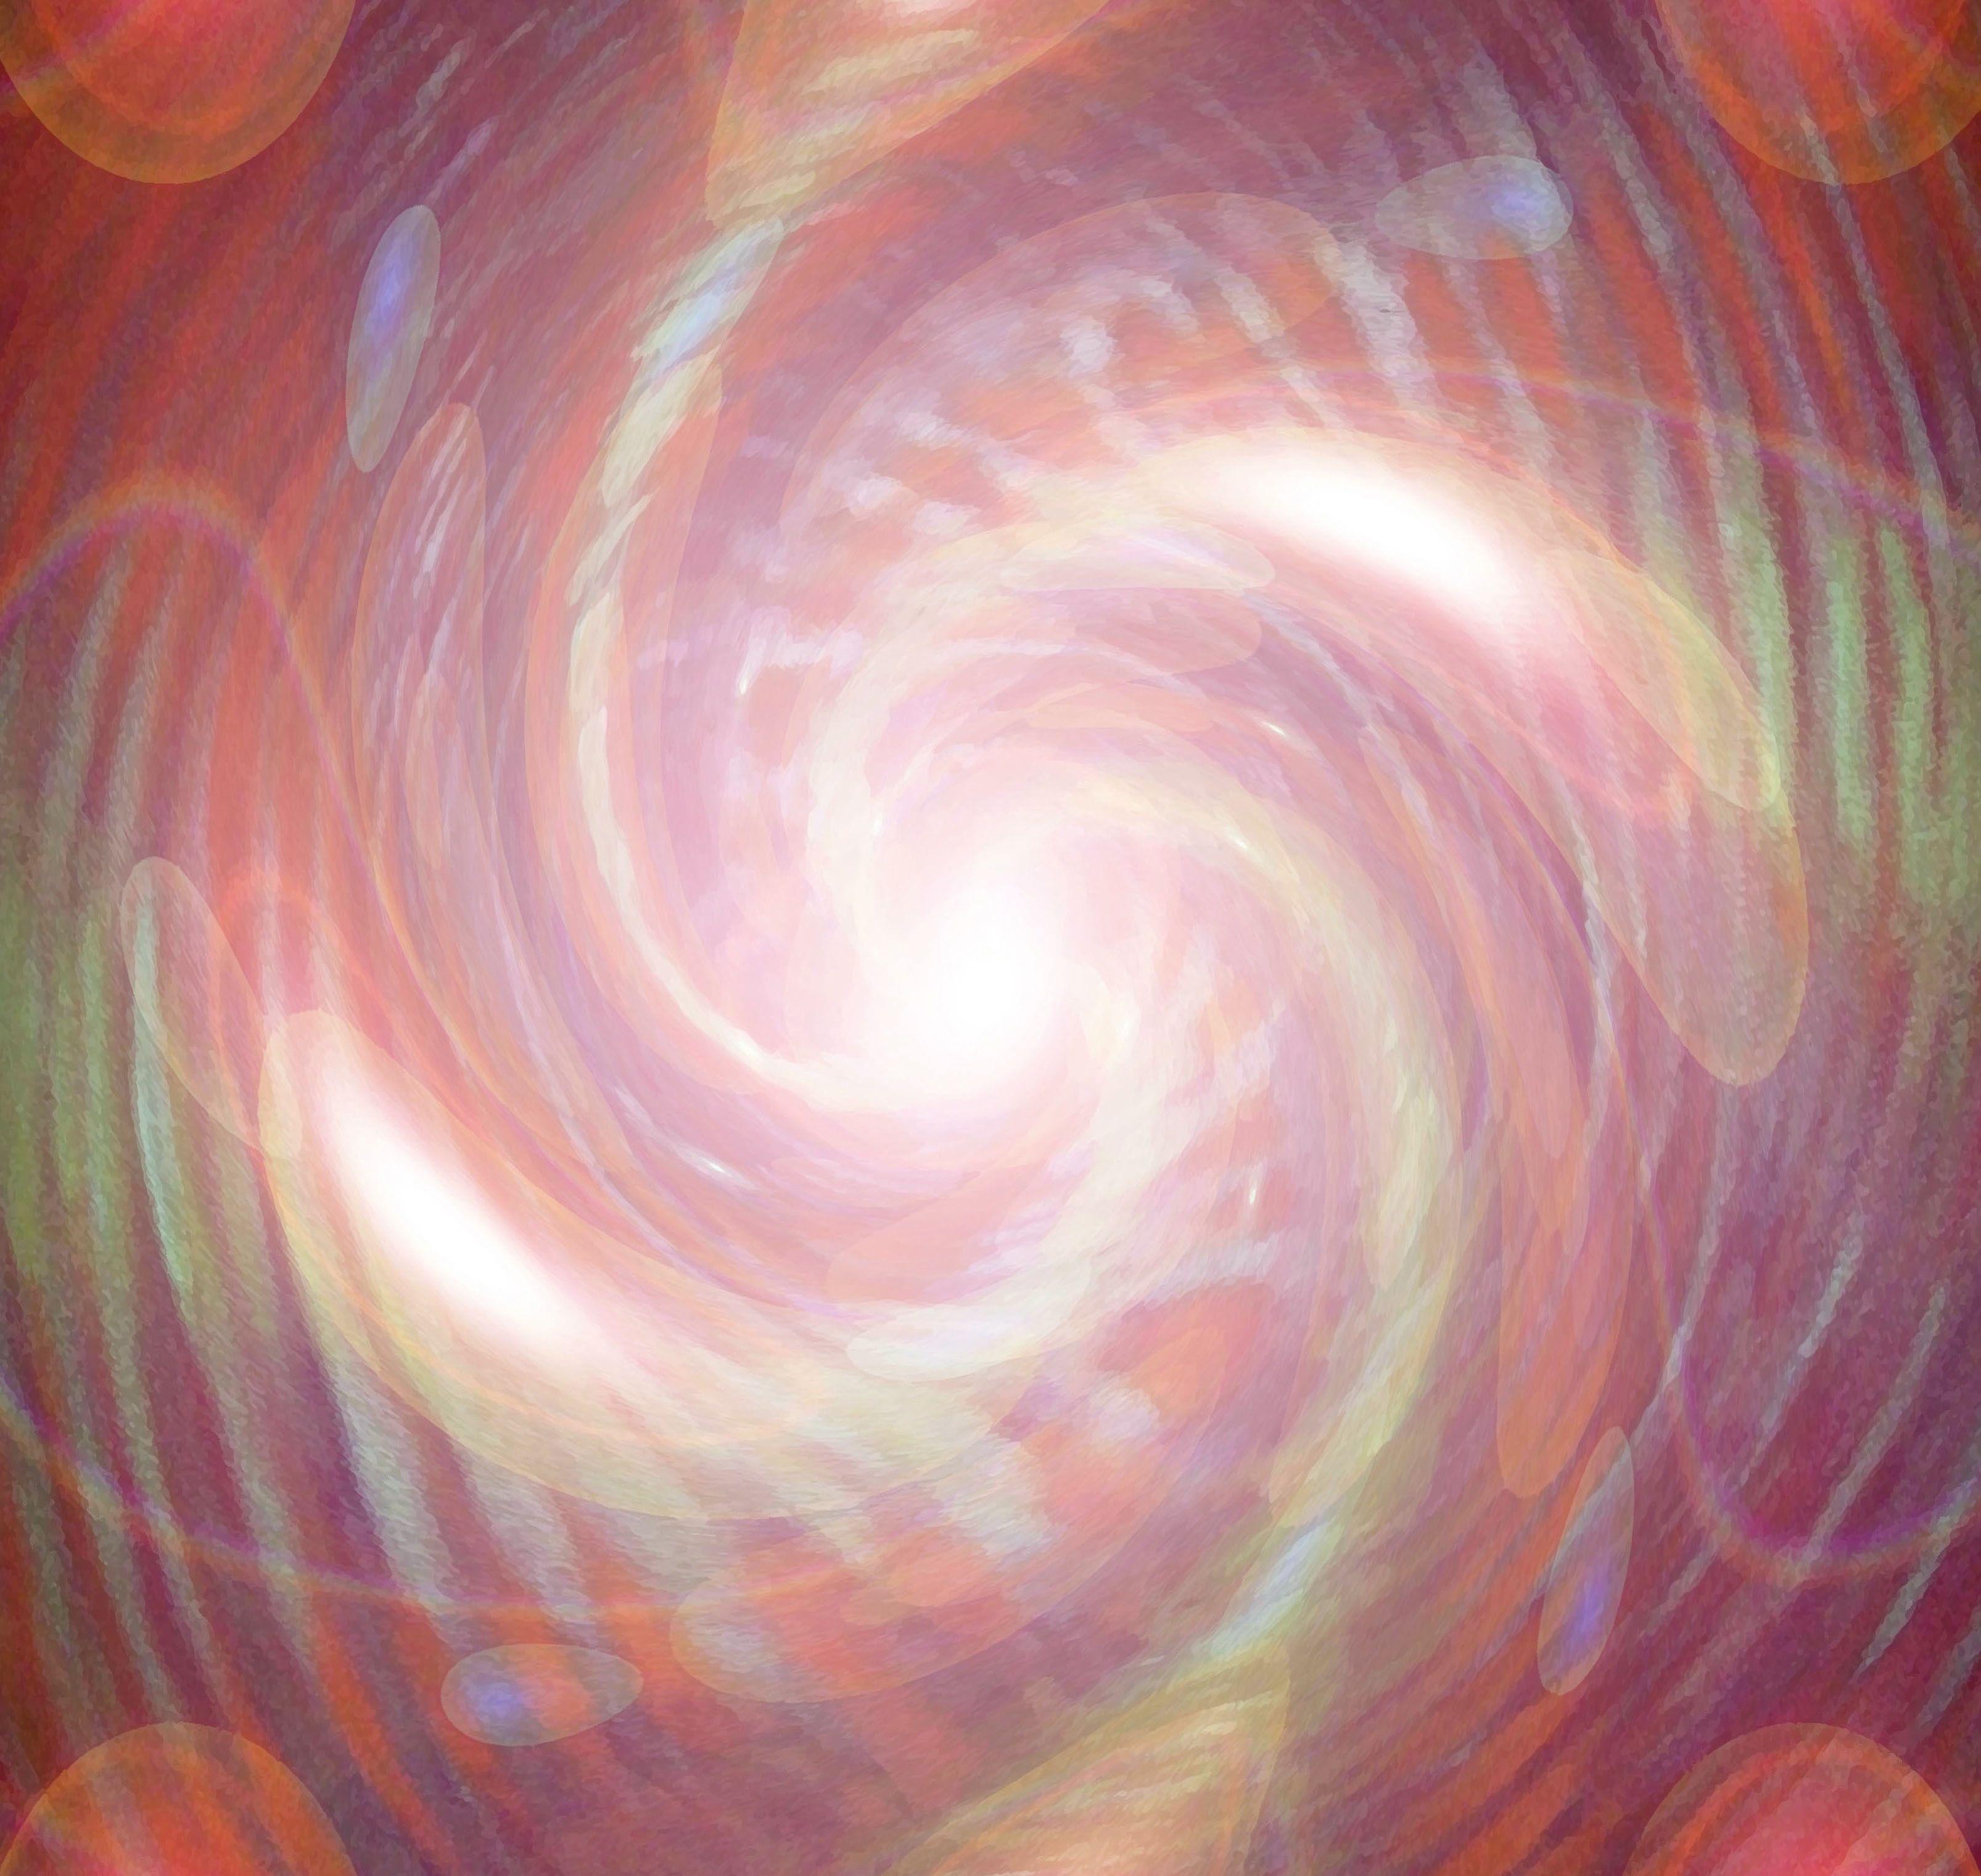 squared twirl vortex - Version 2.jpg